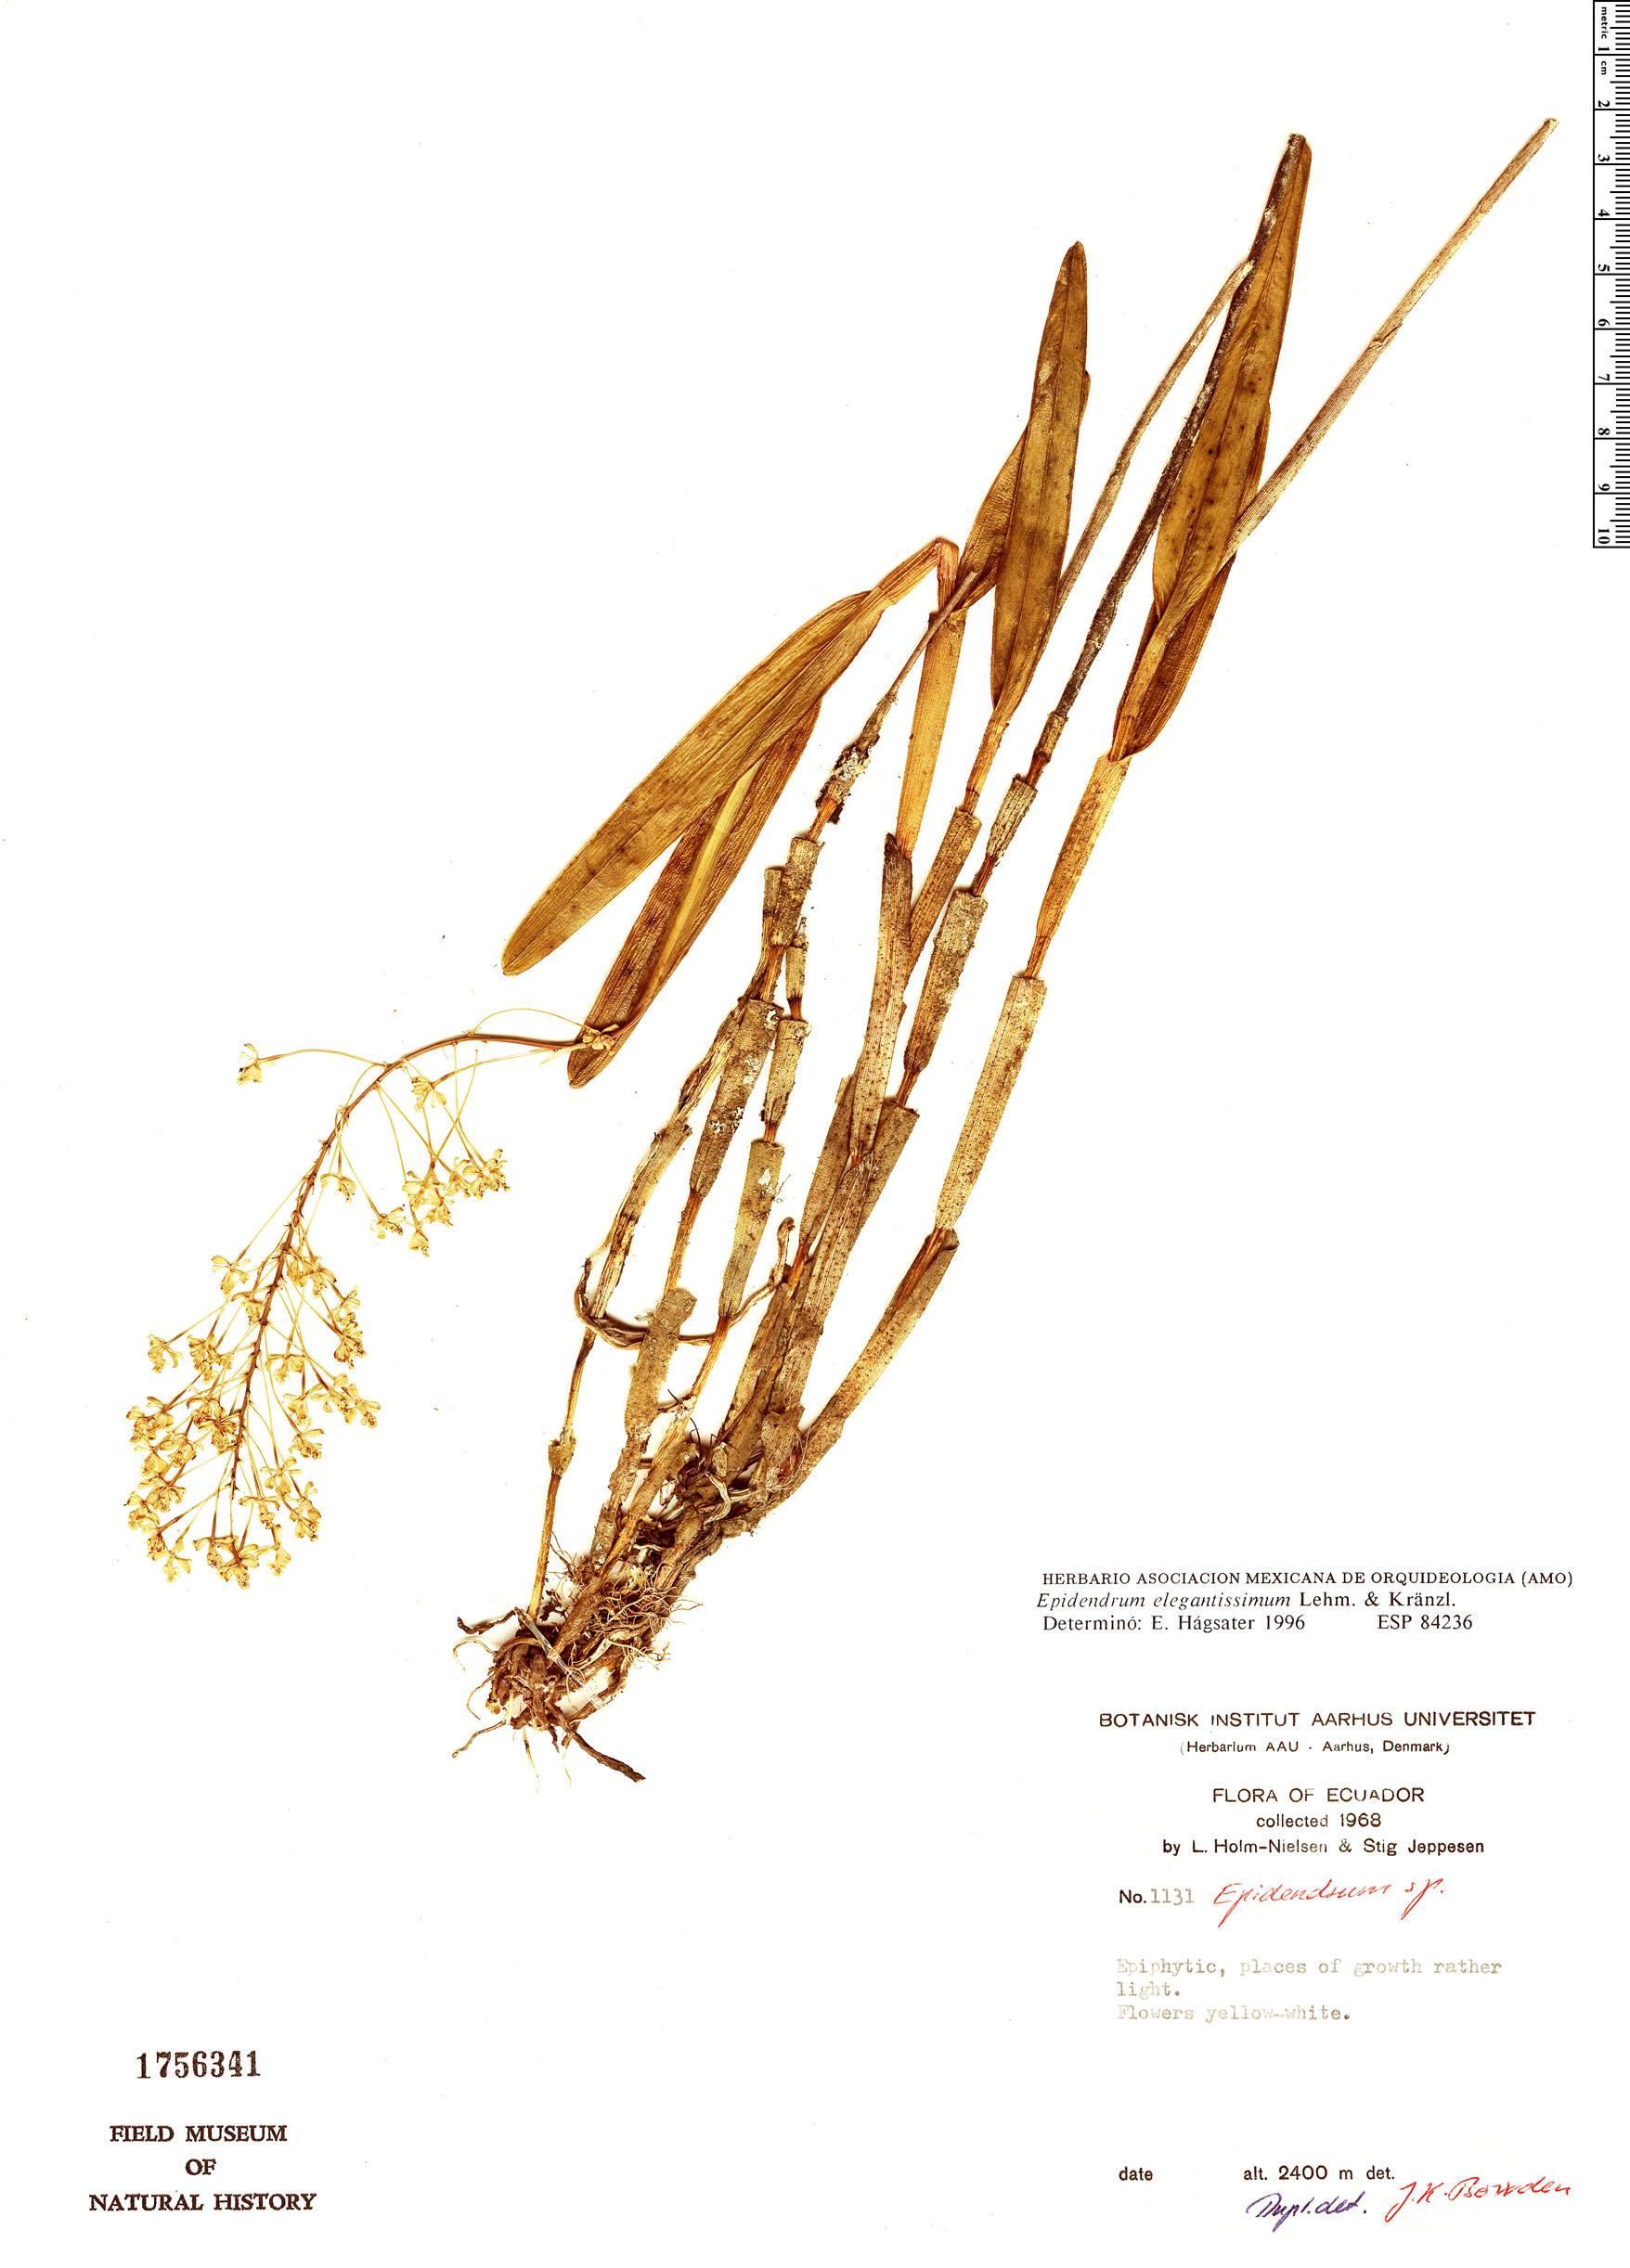 Specimen: Epidendrum elegantissimum